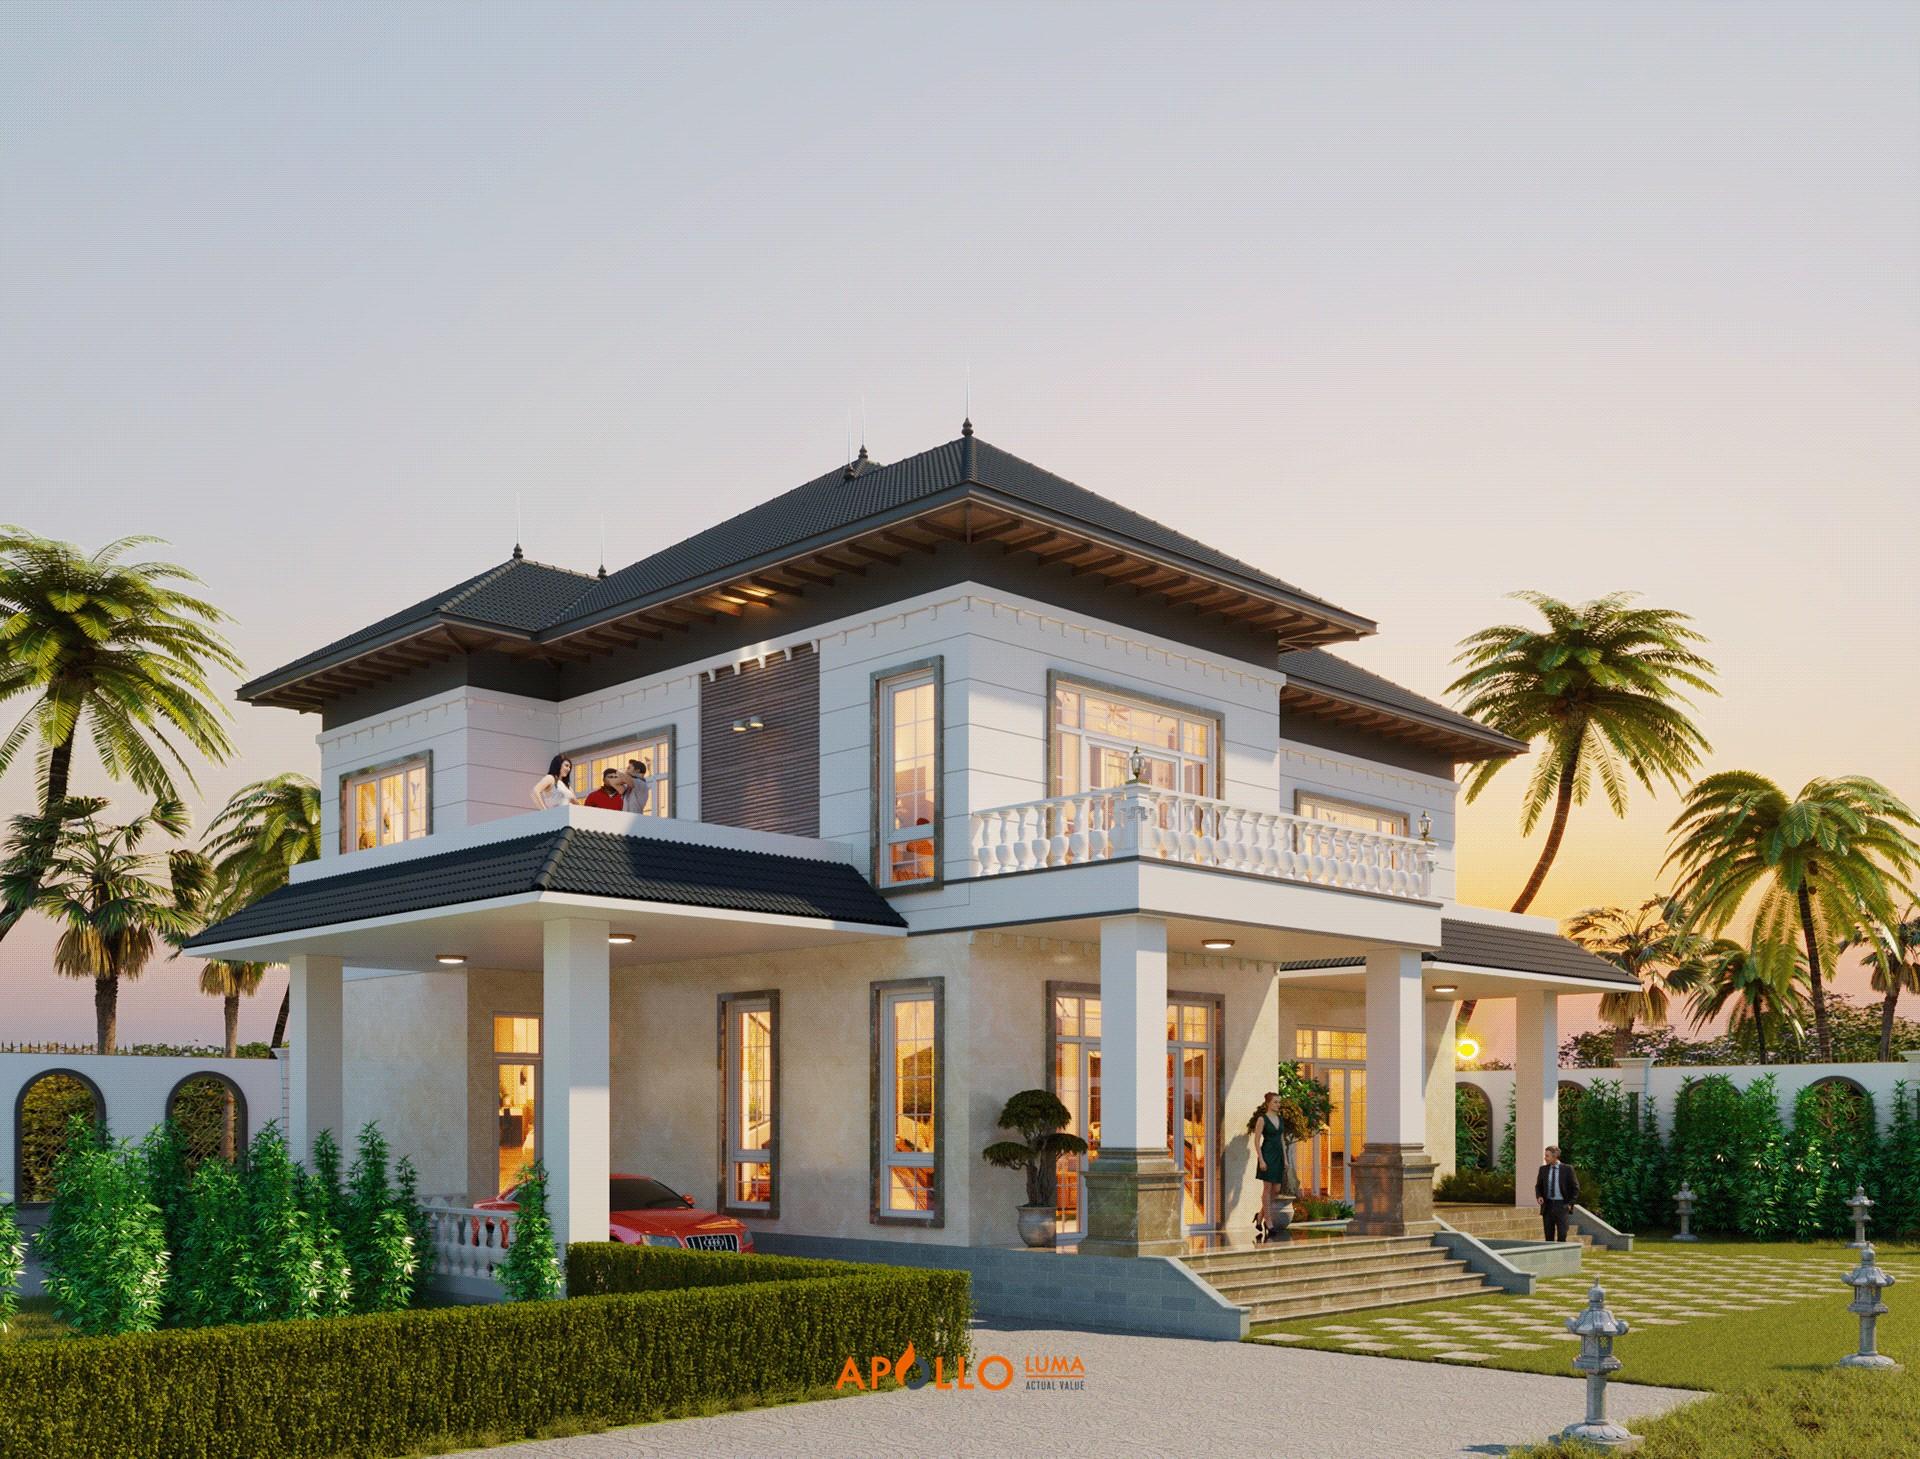 Thiết kế biệt thự nhà vườn tại Bắc Giang sang trọng